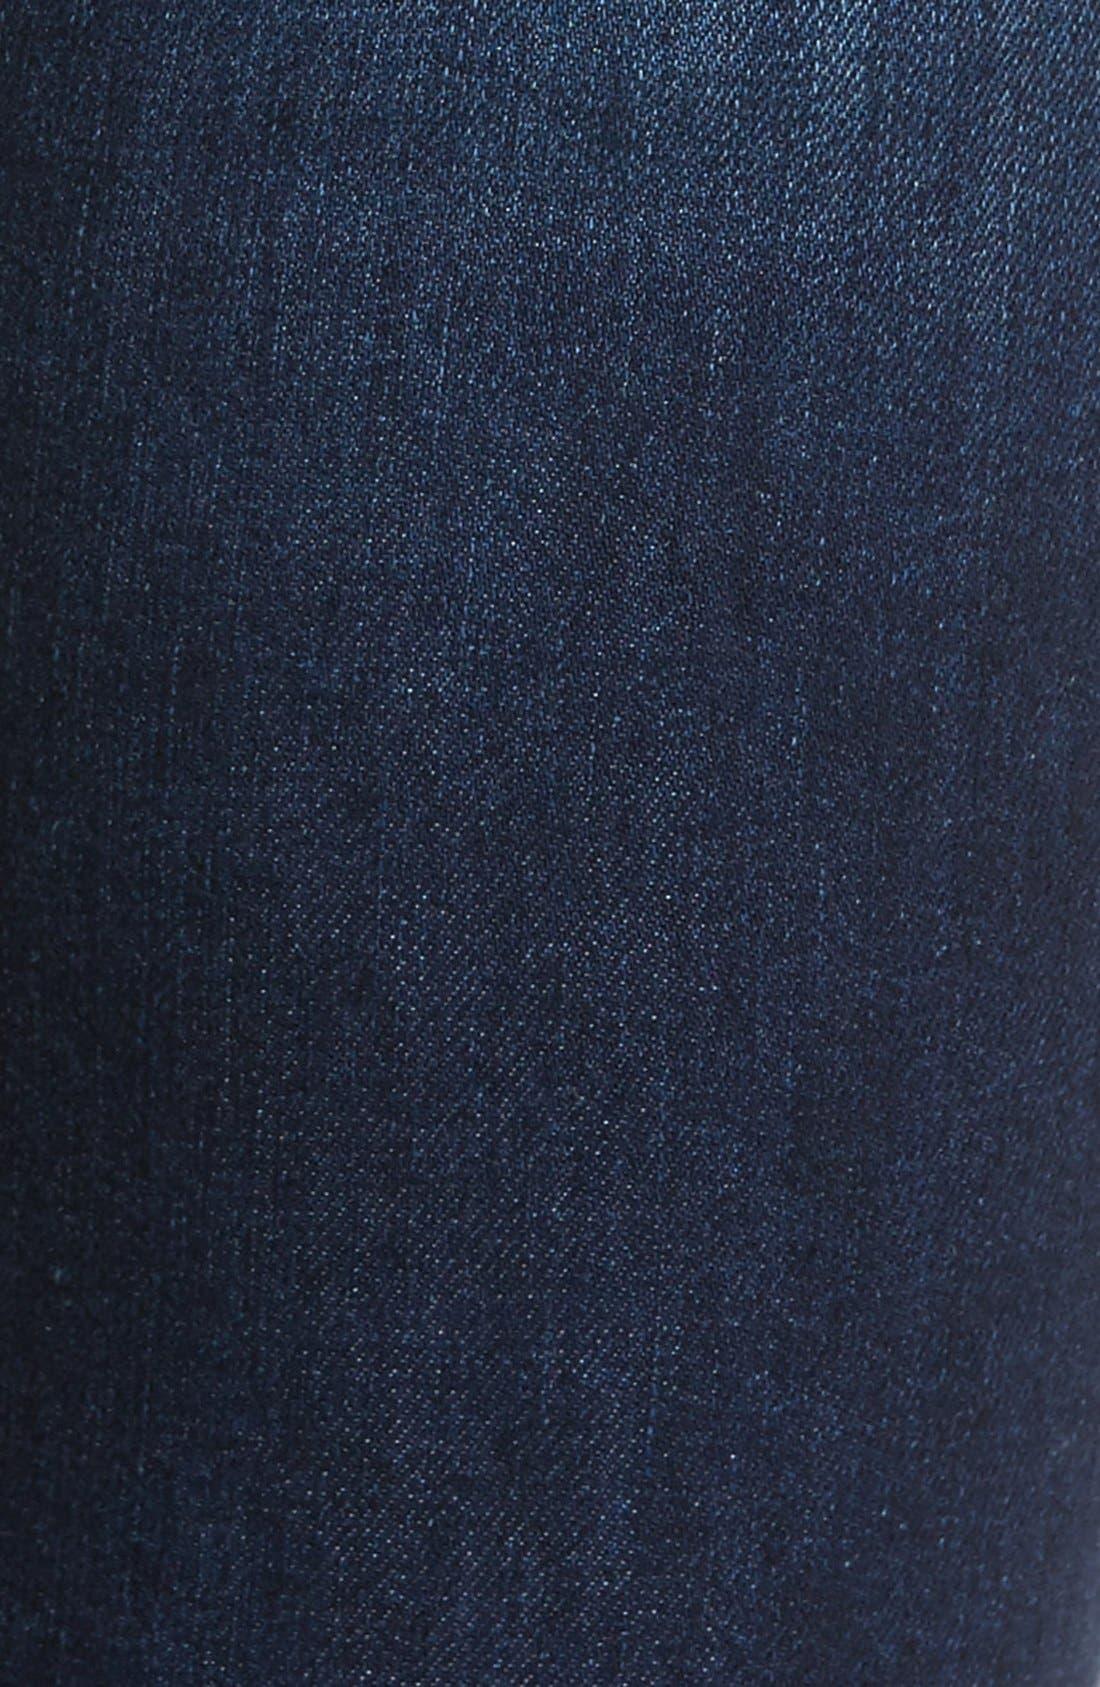 Honey Skinny Jeans,                             Alternate thumbnail 4, color,                             410